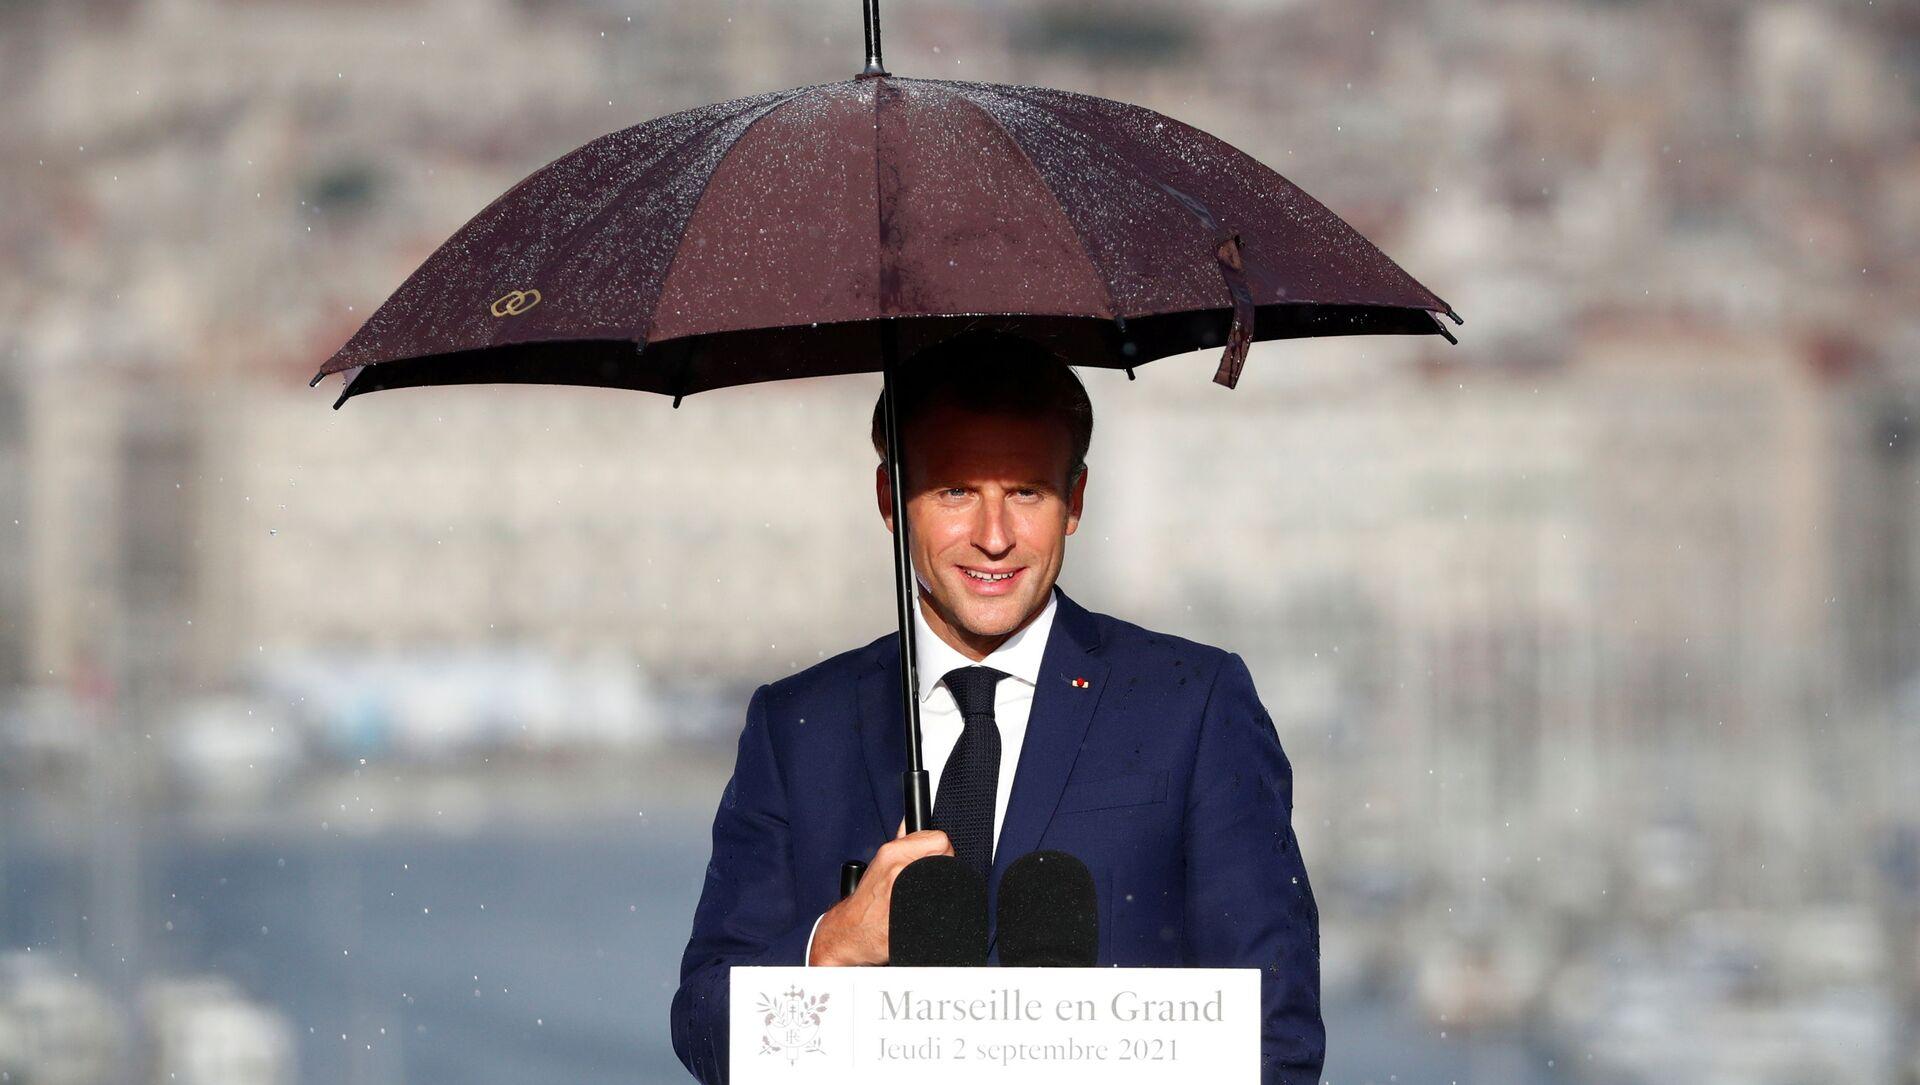 Emmanuel Macron lors de sa visite à Marseille - Sputnik France, 1920, 08.09.2021